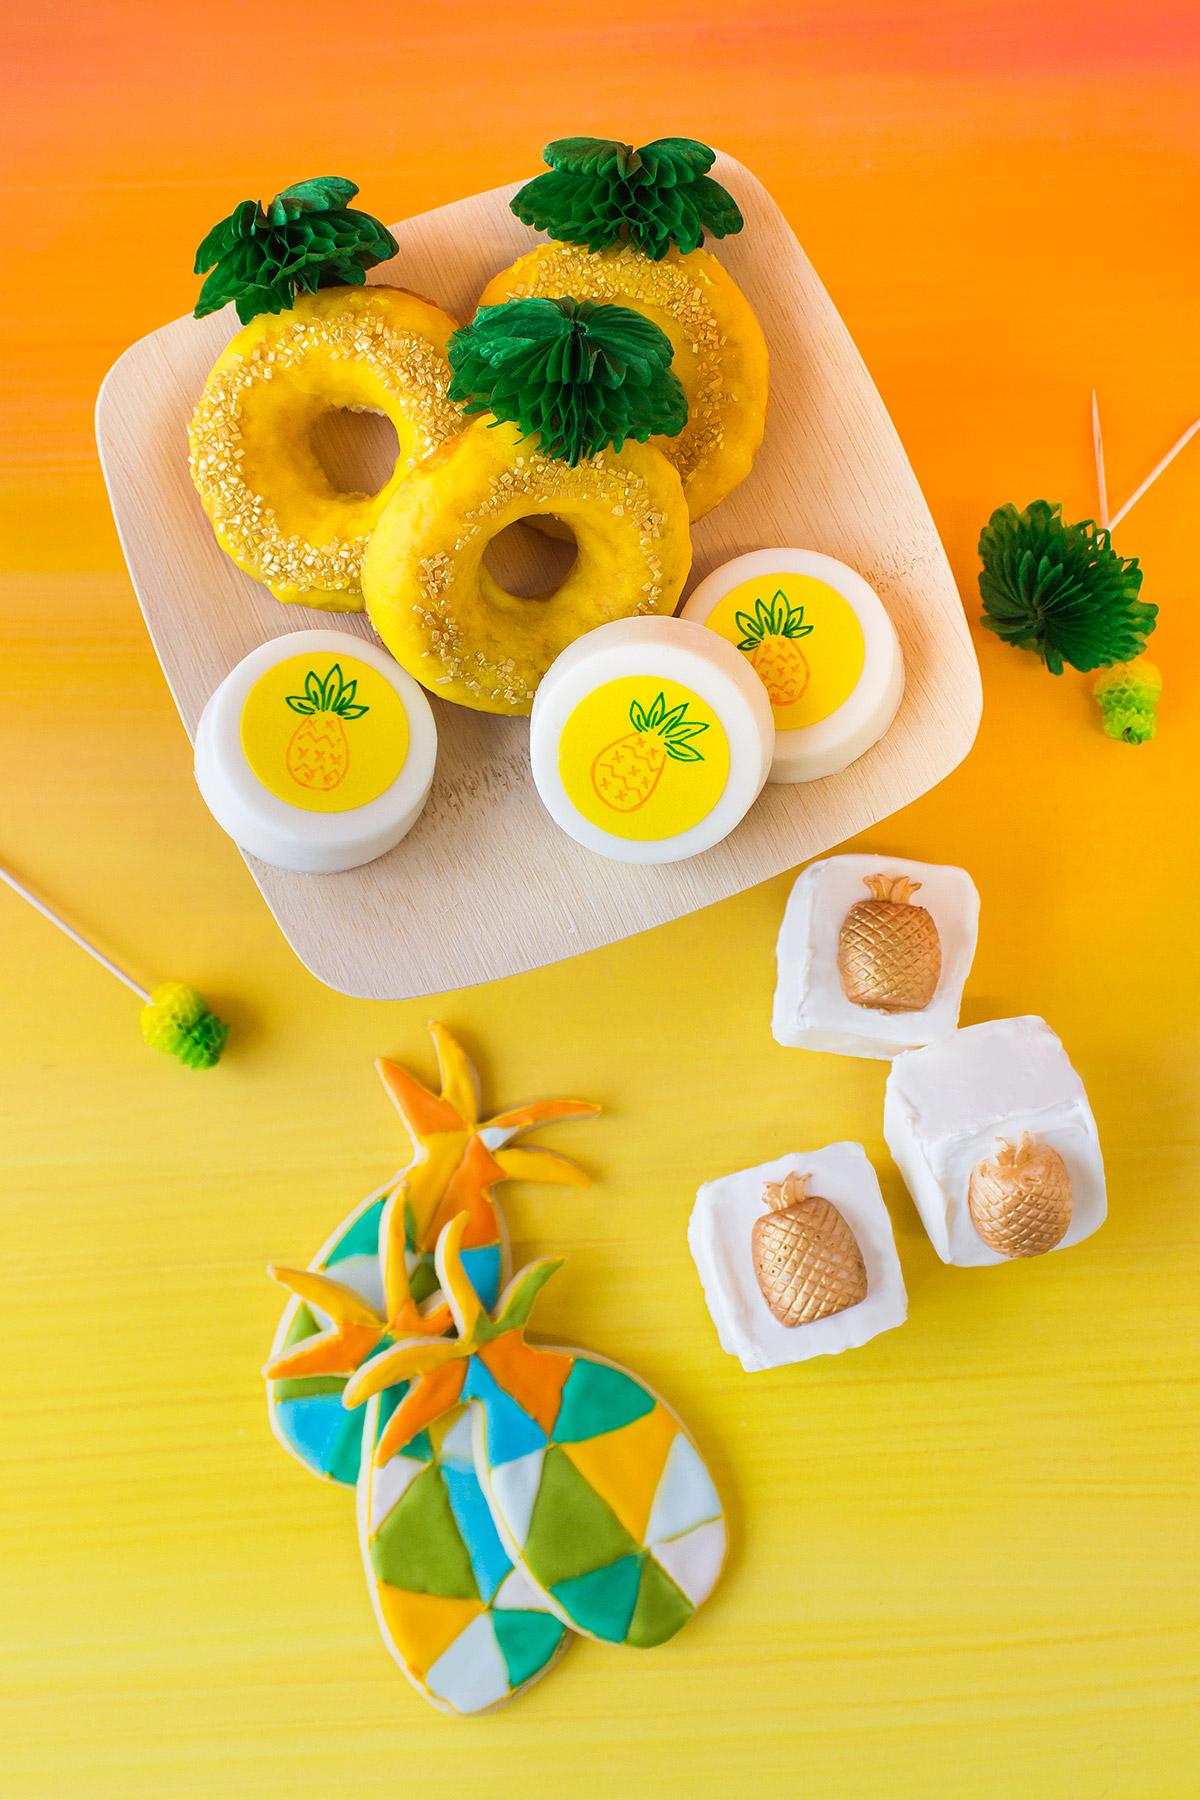 Spongebob Pineapple Baked Goods